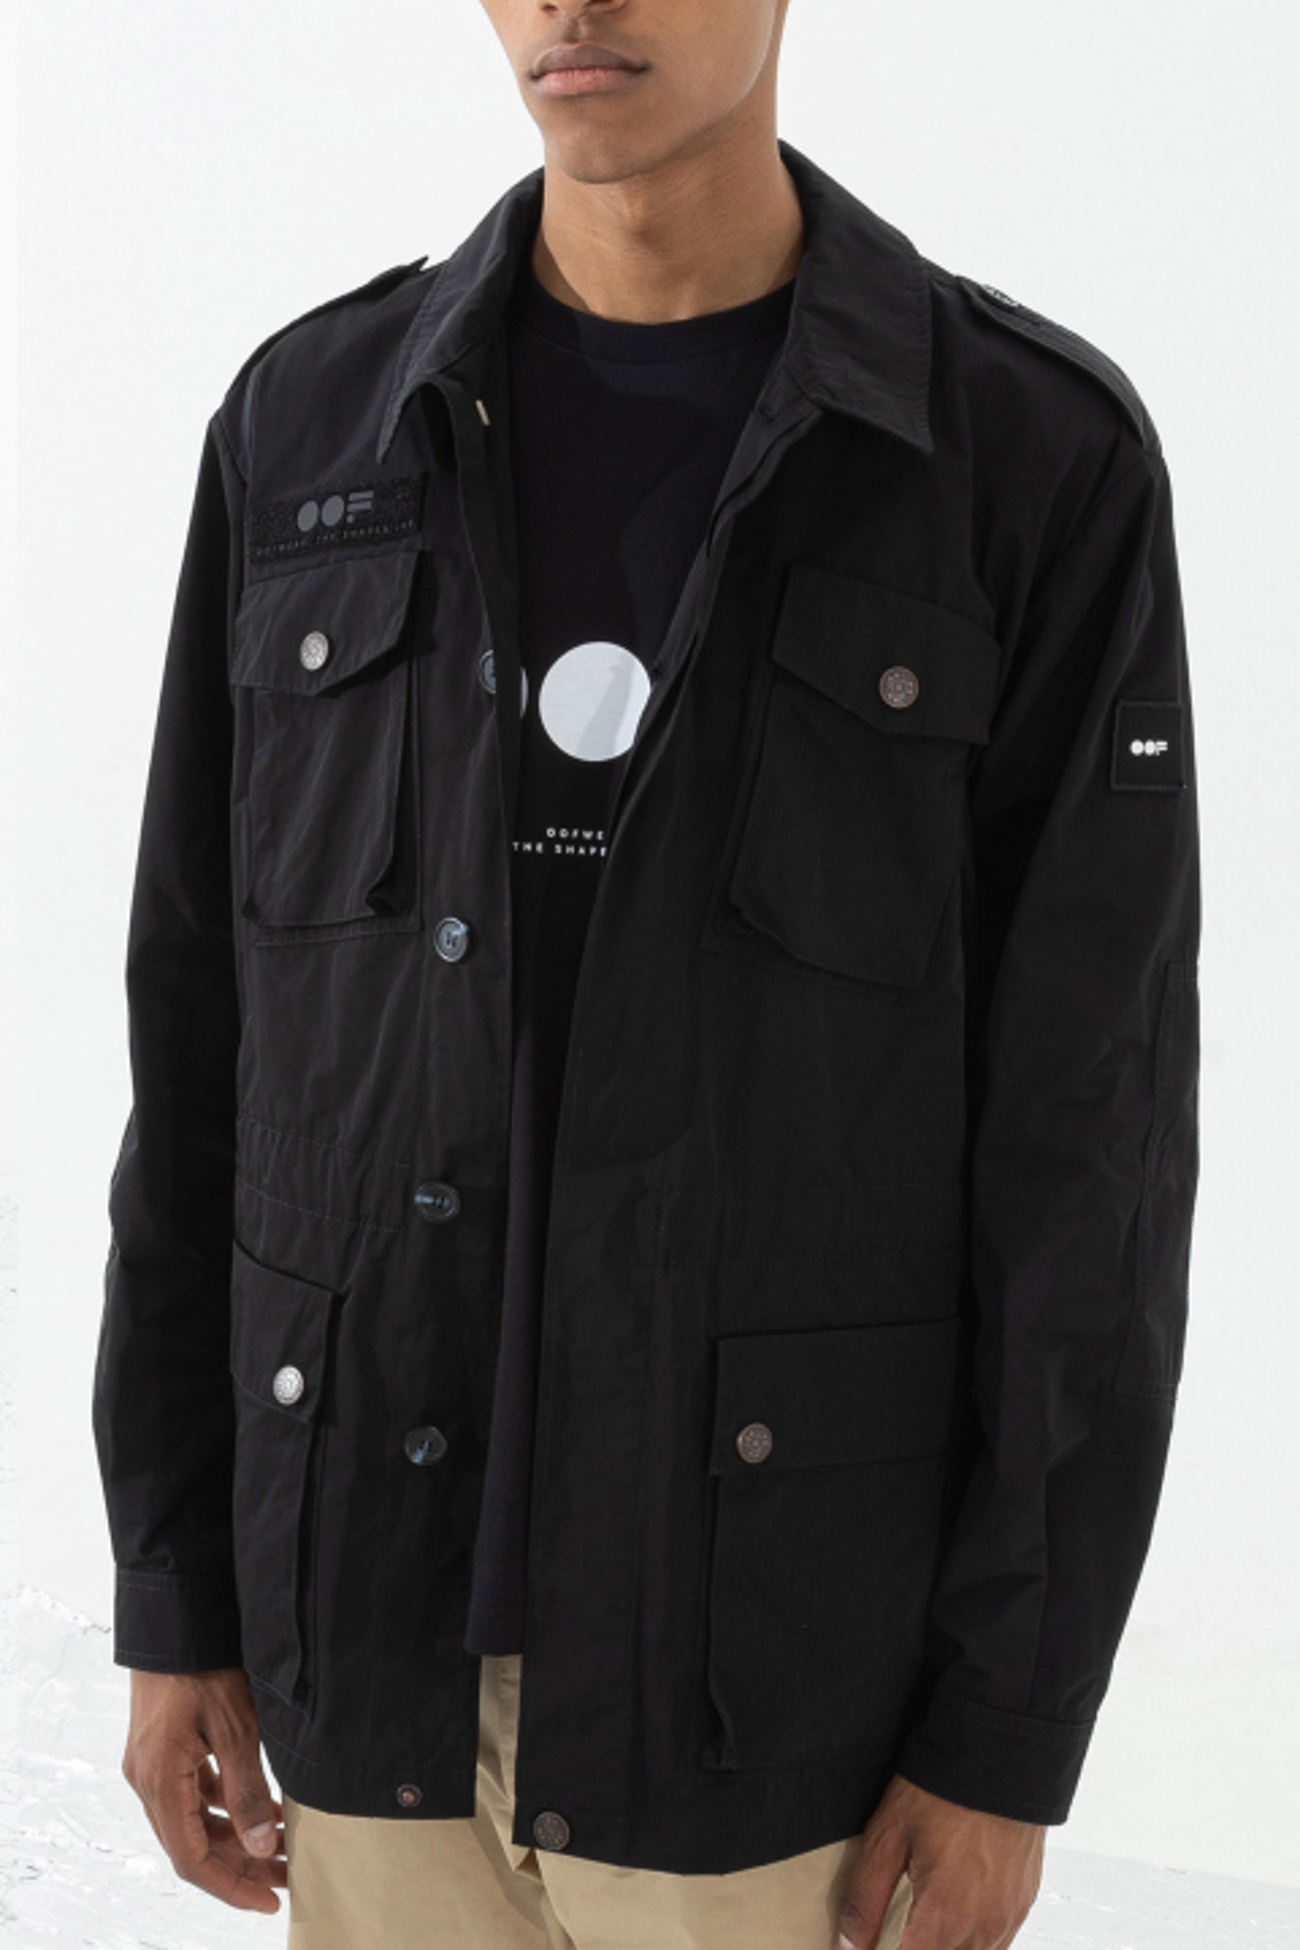 Men's short safari jacket in black military style memory